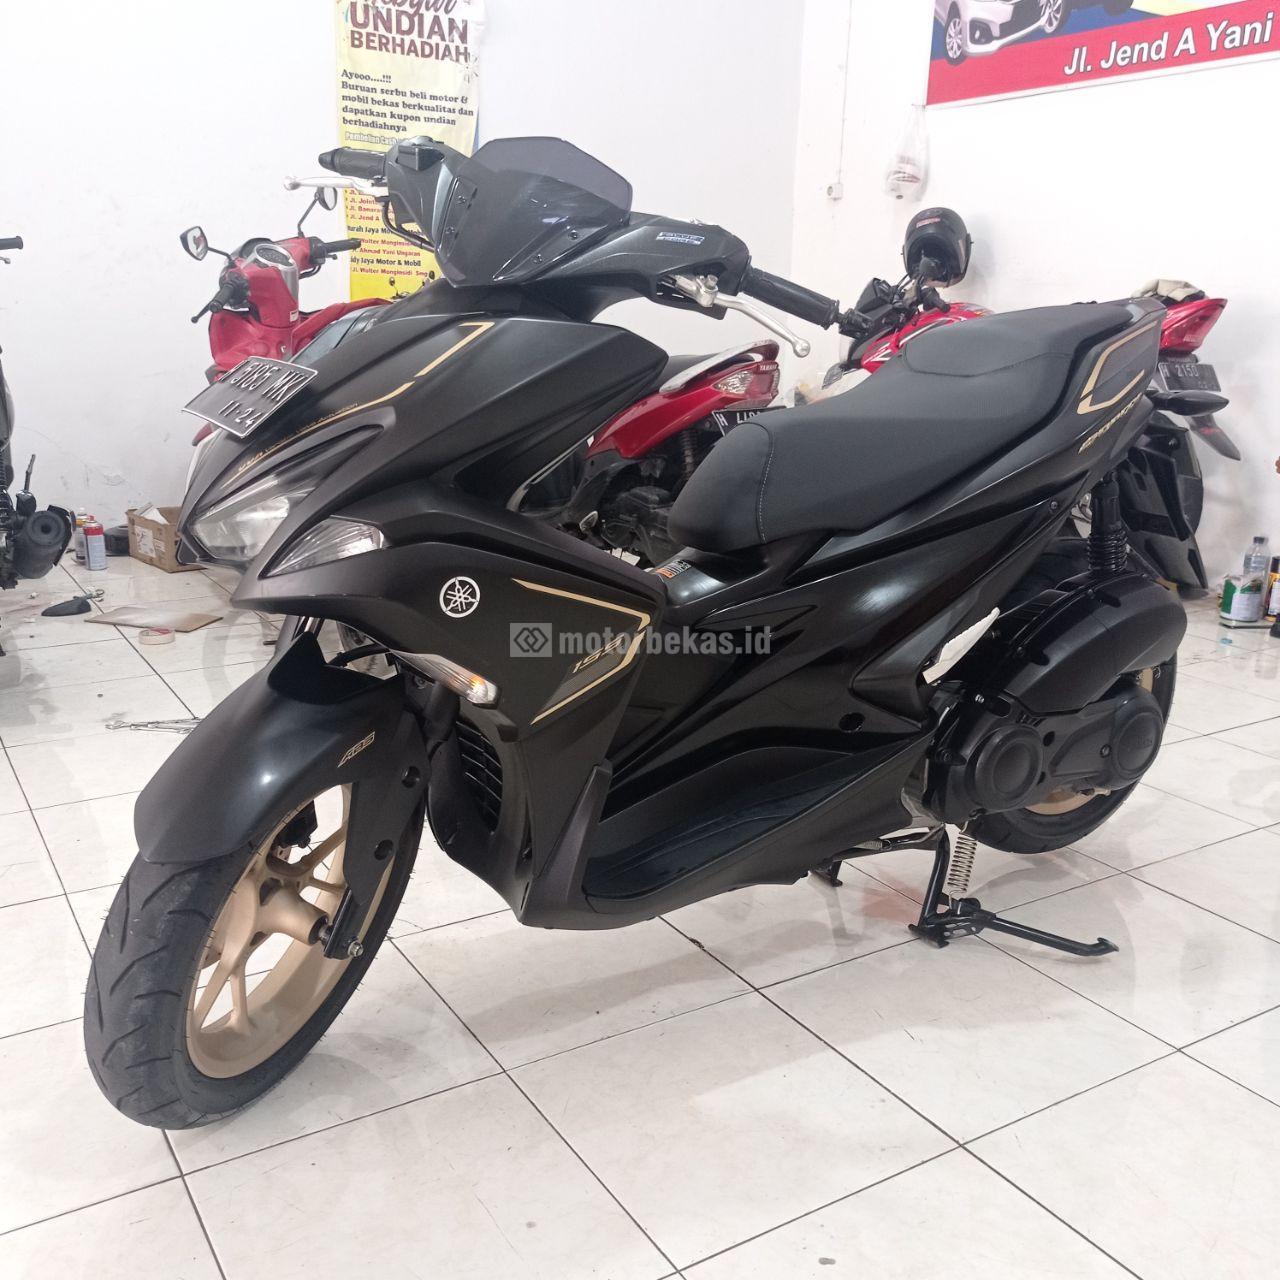 YAMAHA AEROX 155 ABS 778 motorbekas.id